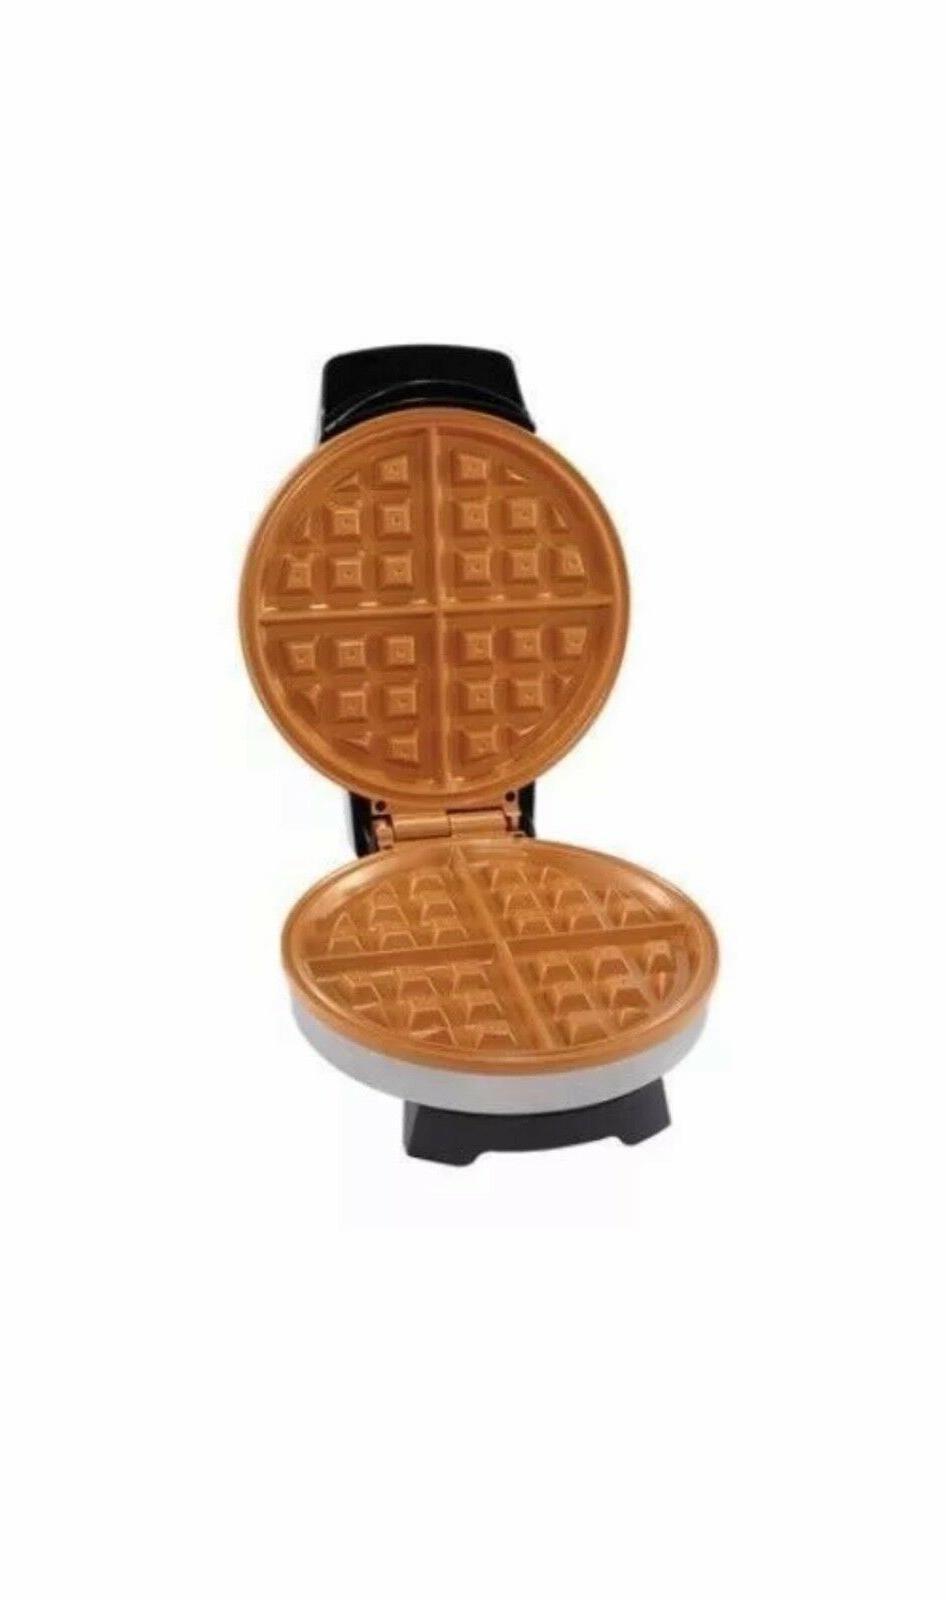 Farberware Waffle Maker Round